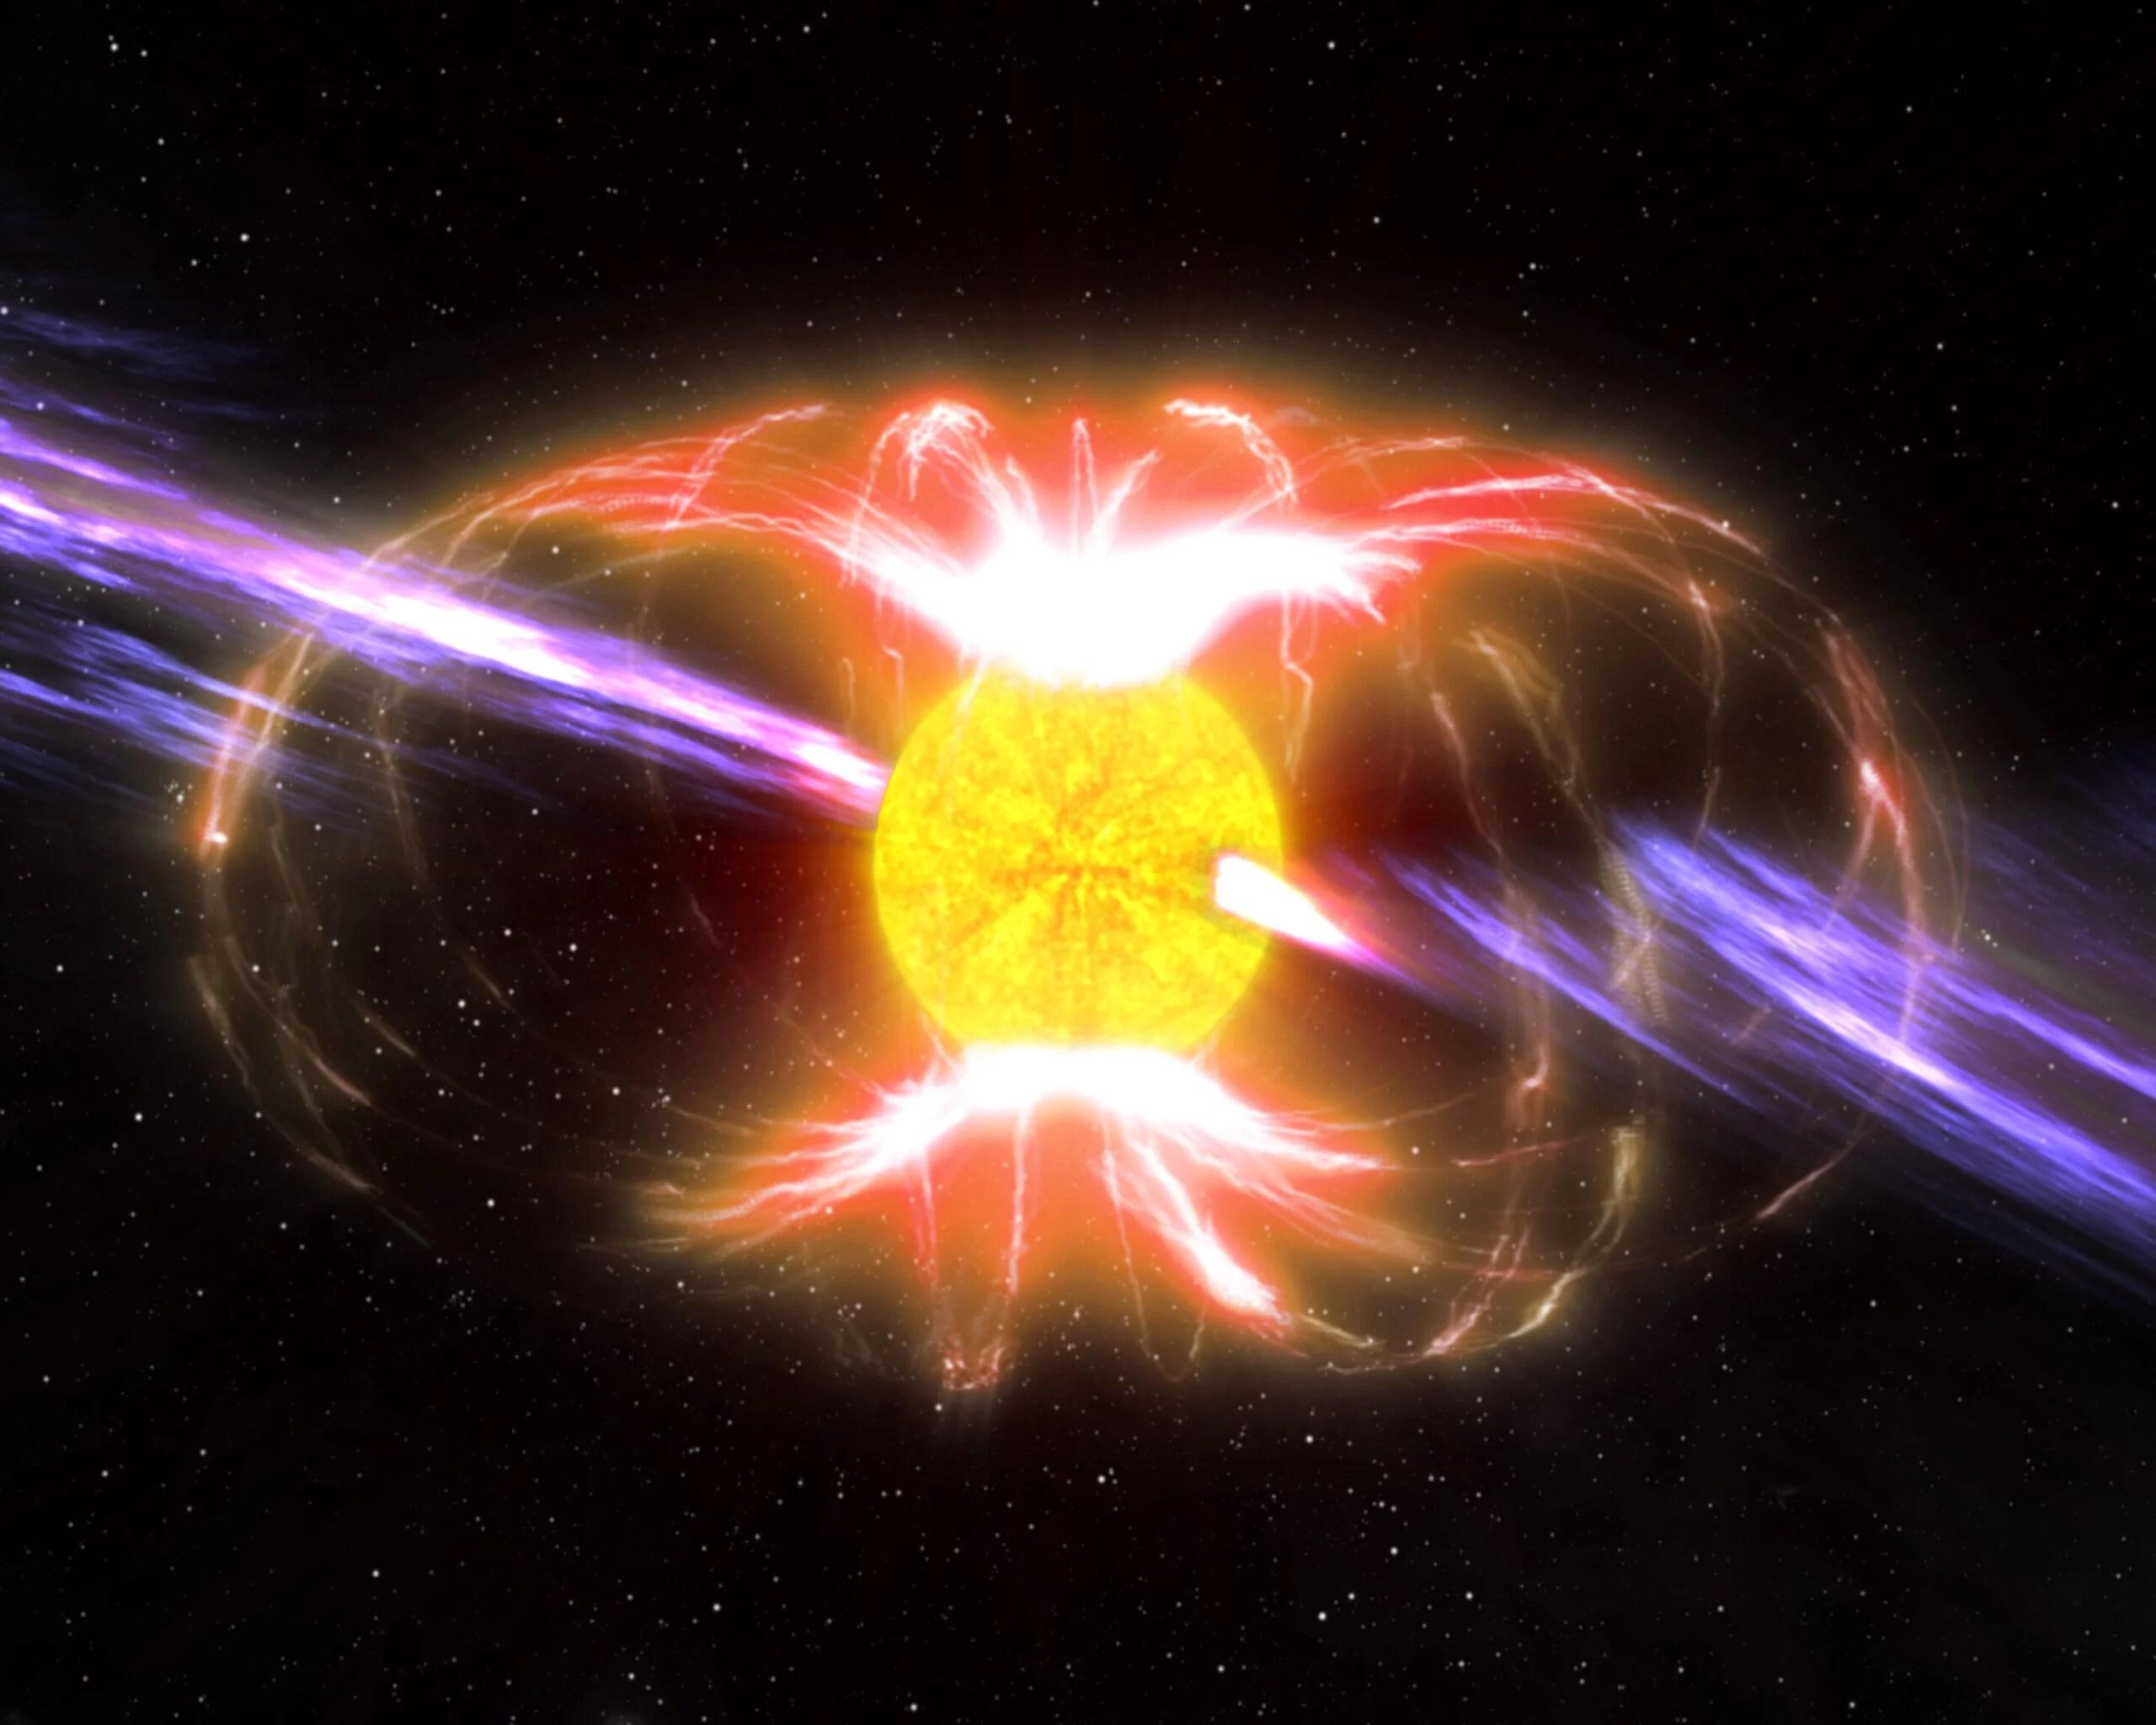 В центре Млечного Пути нашли мощнейший вращающийся магнит